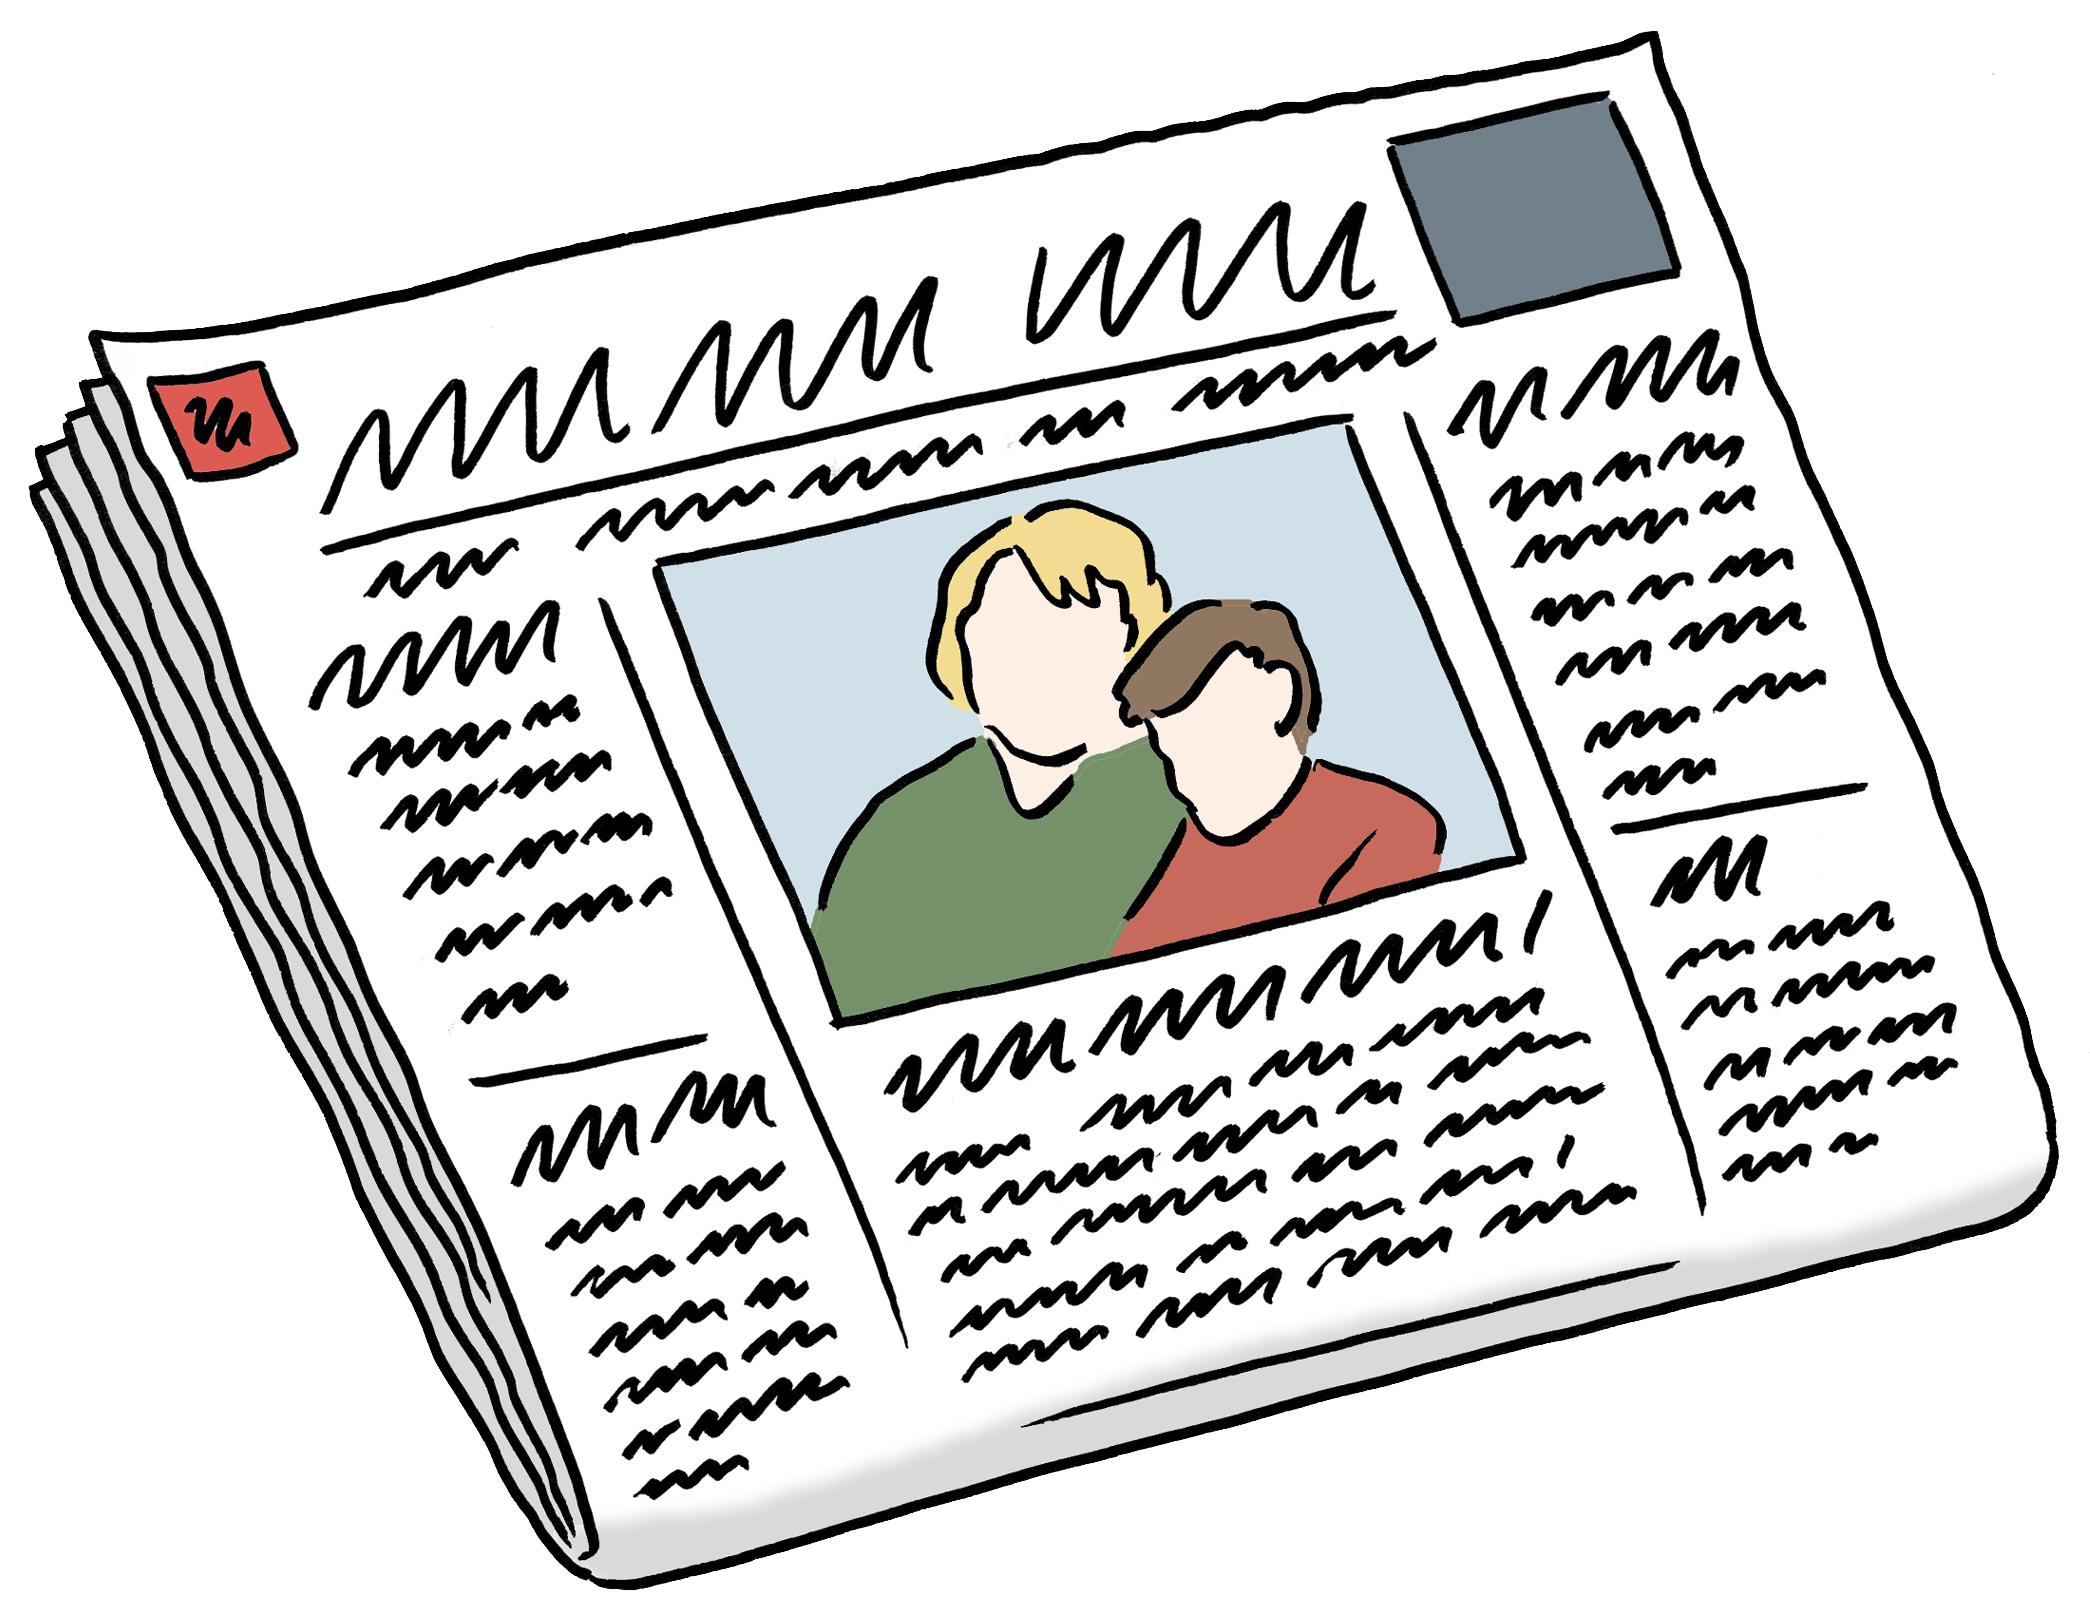 Zeitung - Newspaper - Leichte Sprache